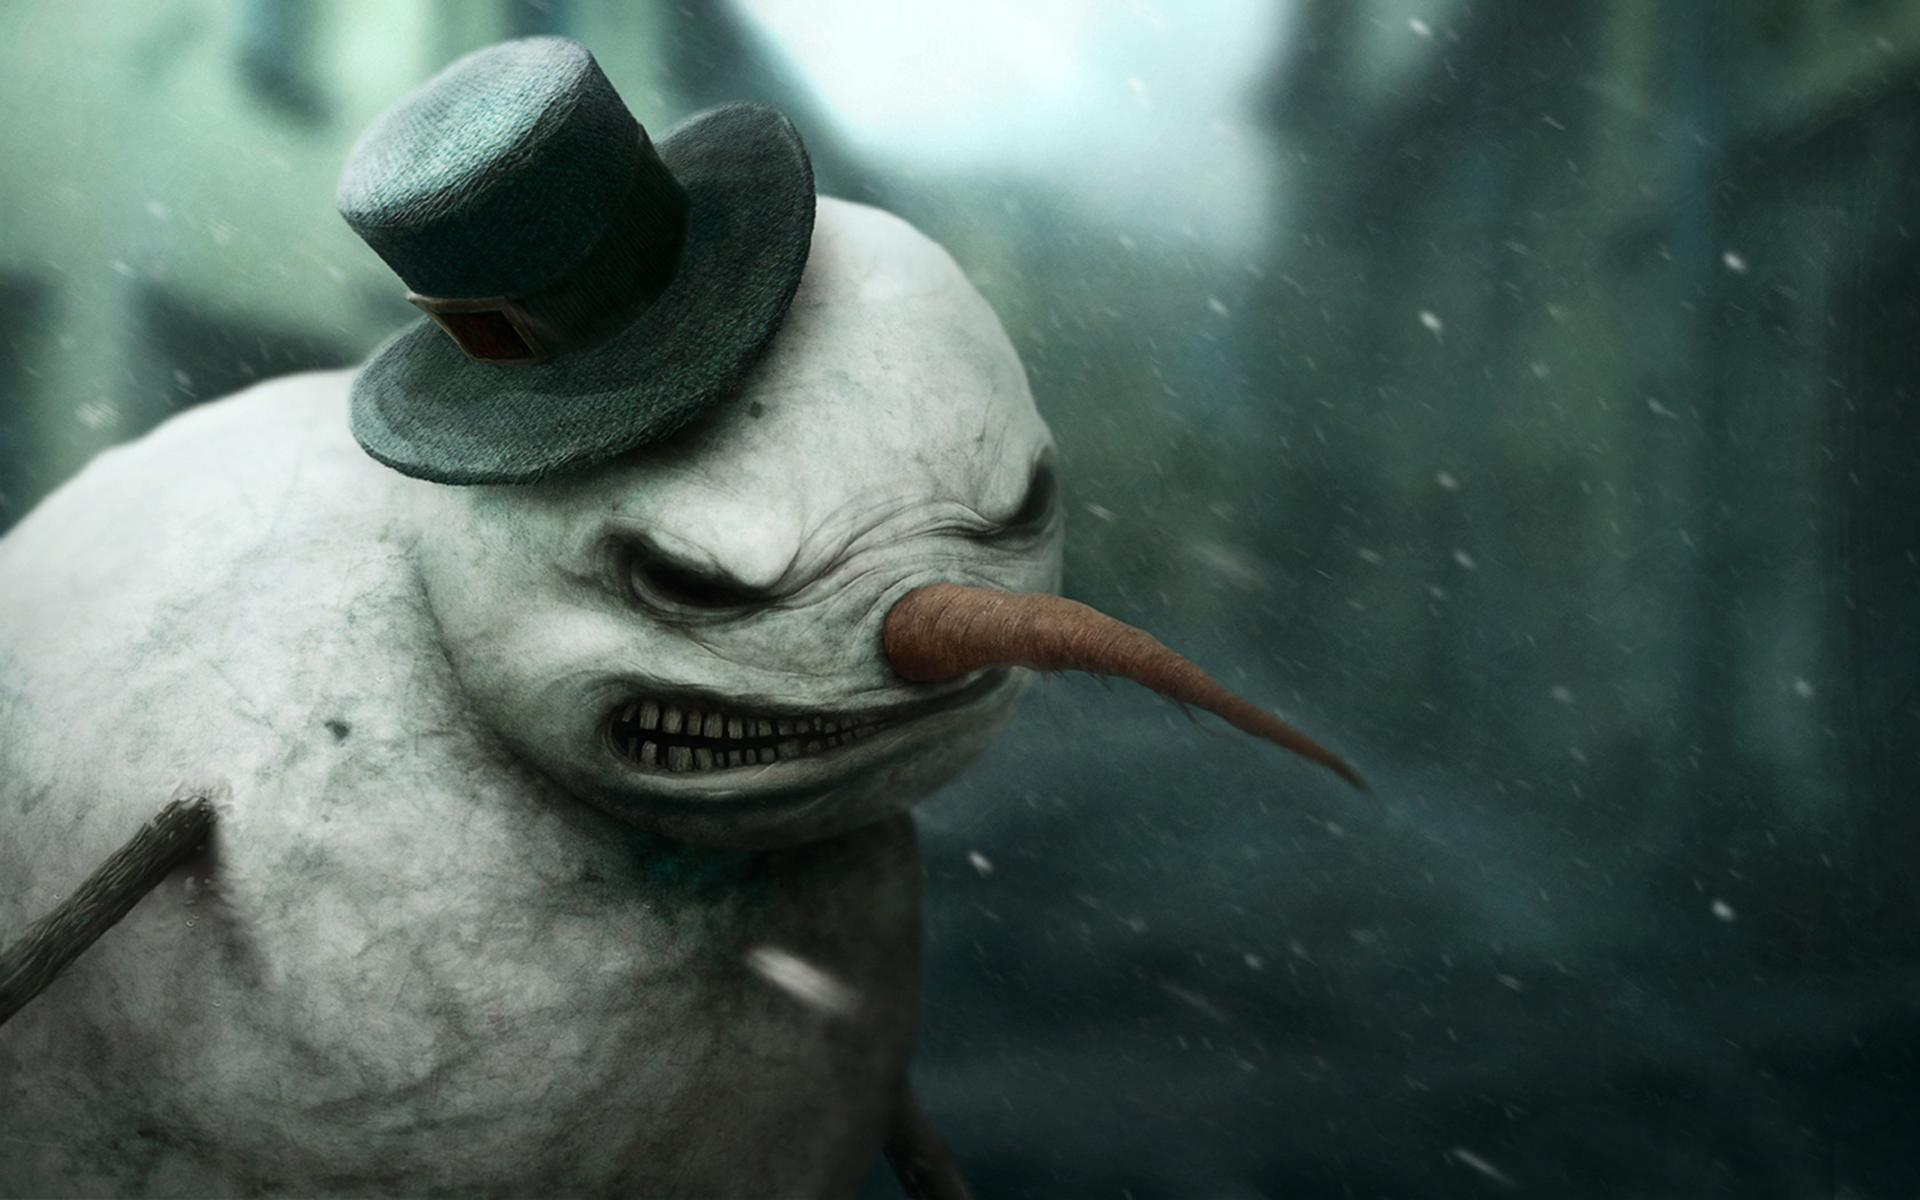 злой снеговик фото слухам, новым возлюбленным